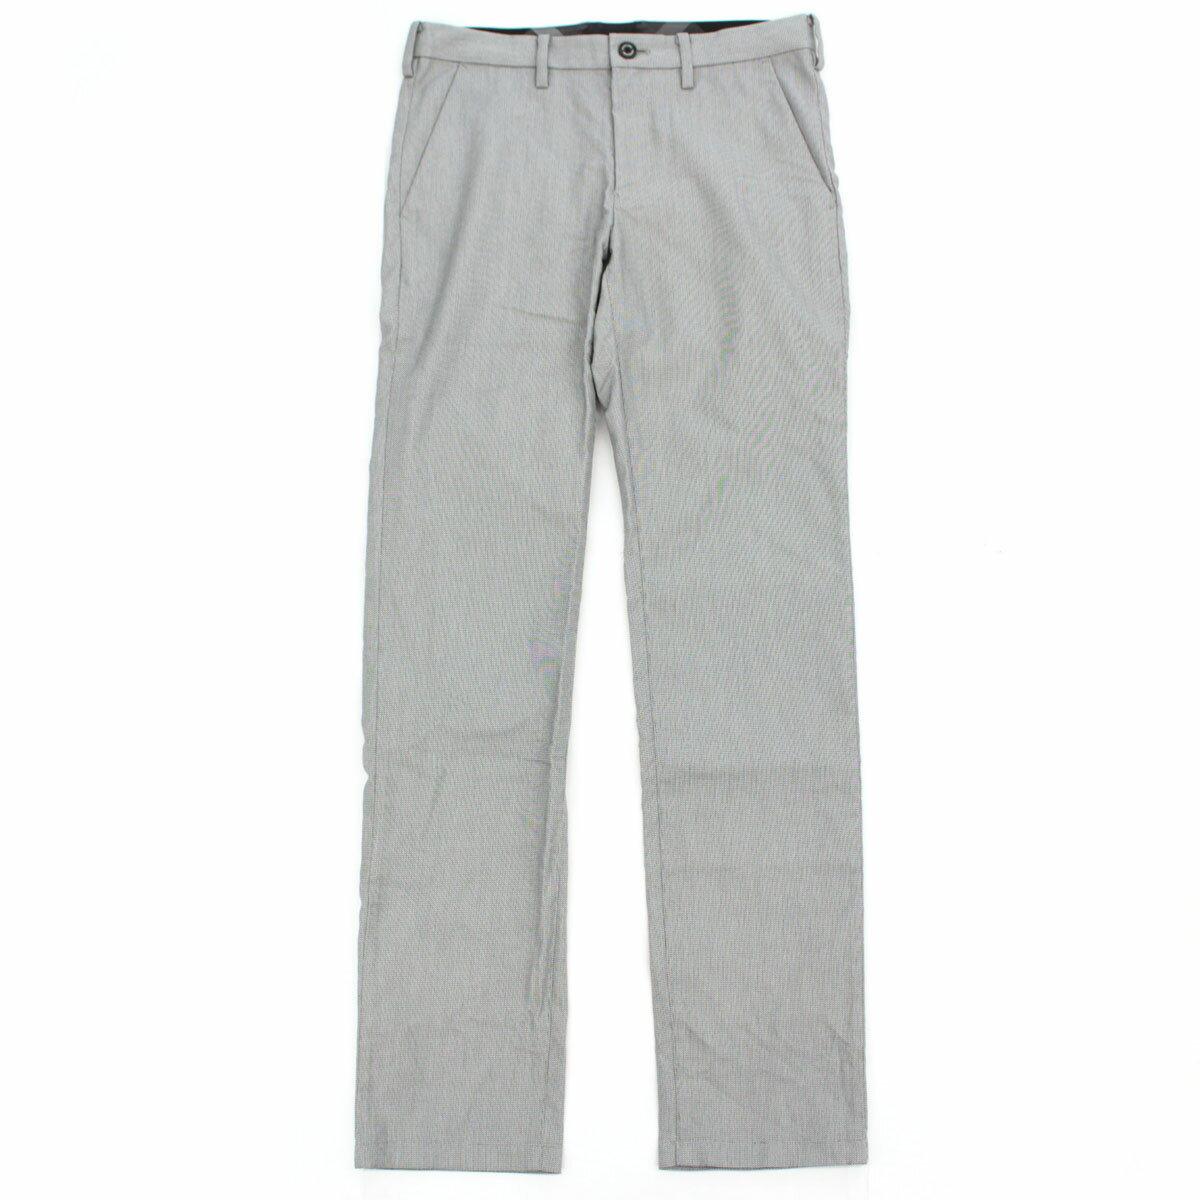 メンズファッション, ズボン・パンツ  73 grey BLACKLABEL CRESTBRIDGE22084-RH0419